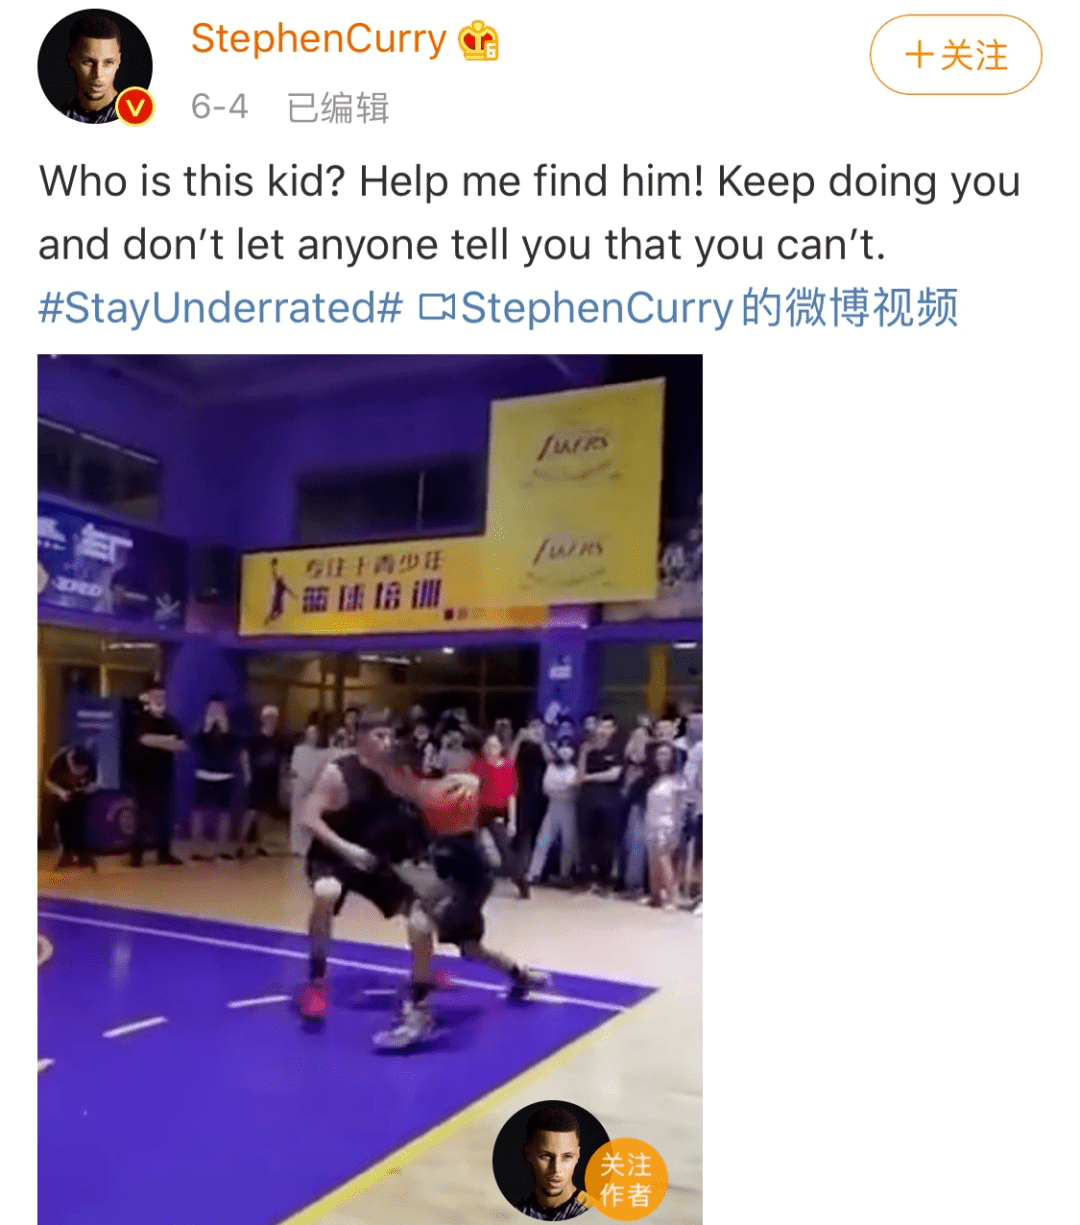 史上最牛逼的健身教练,看到他再也不好意思BB了!